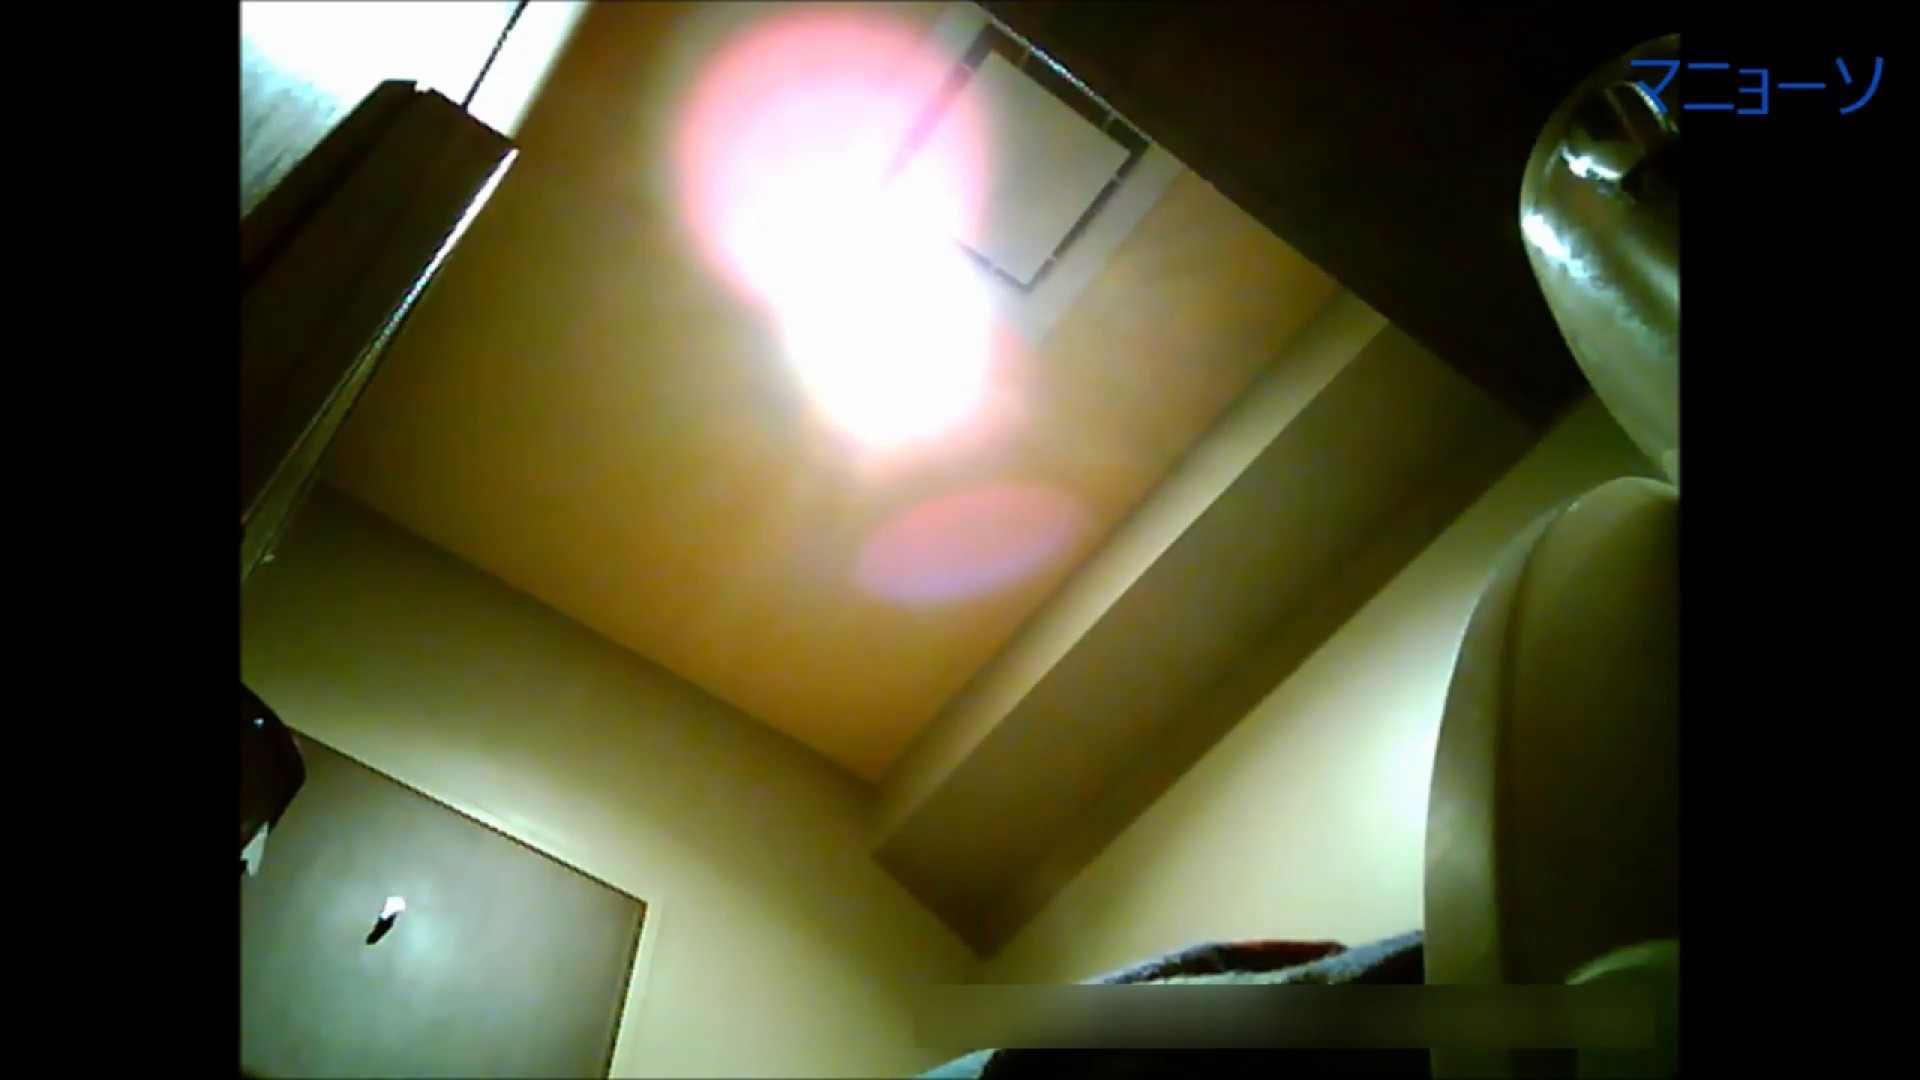 トイレでひと肌脱いでもらいました (JD編)Vol.02 丸見え AV無料動画キャプチャ 83画像 37